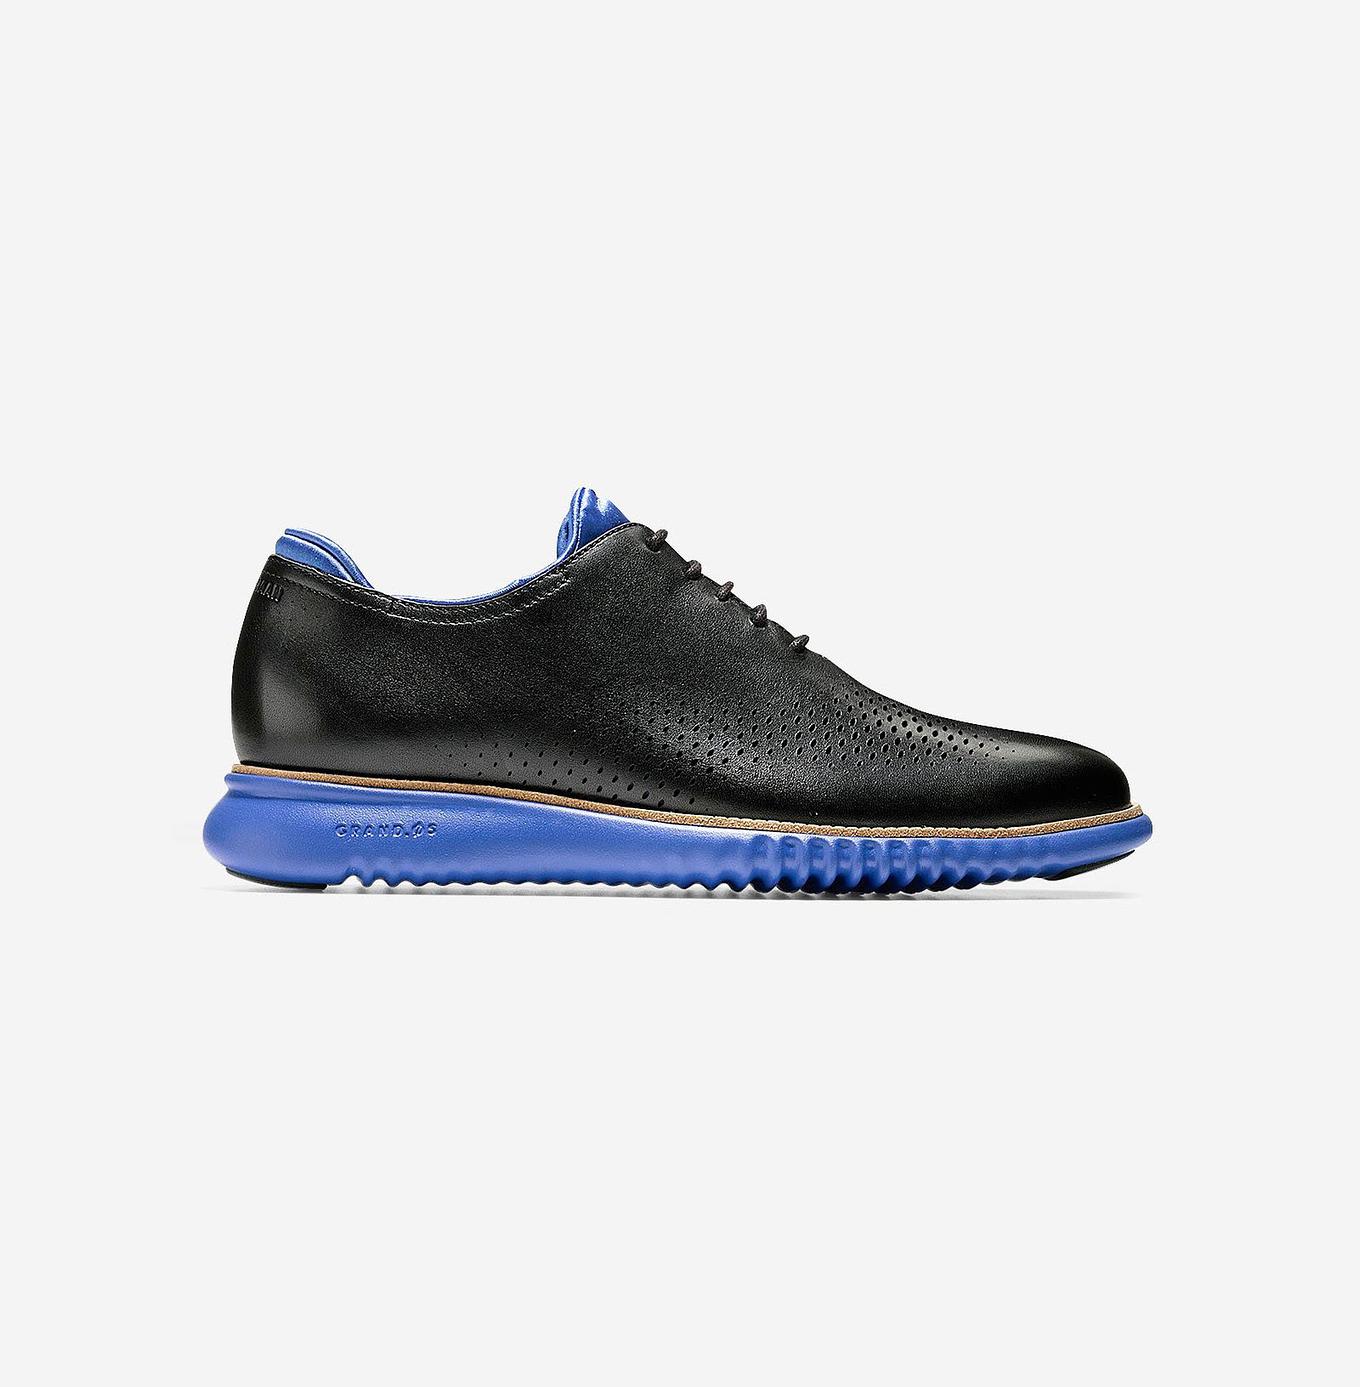 innovative-2-zerogrand-footwear-cole-haan-gessato-5